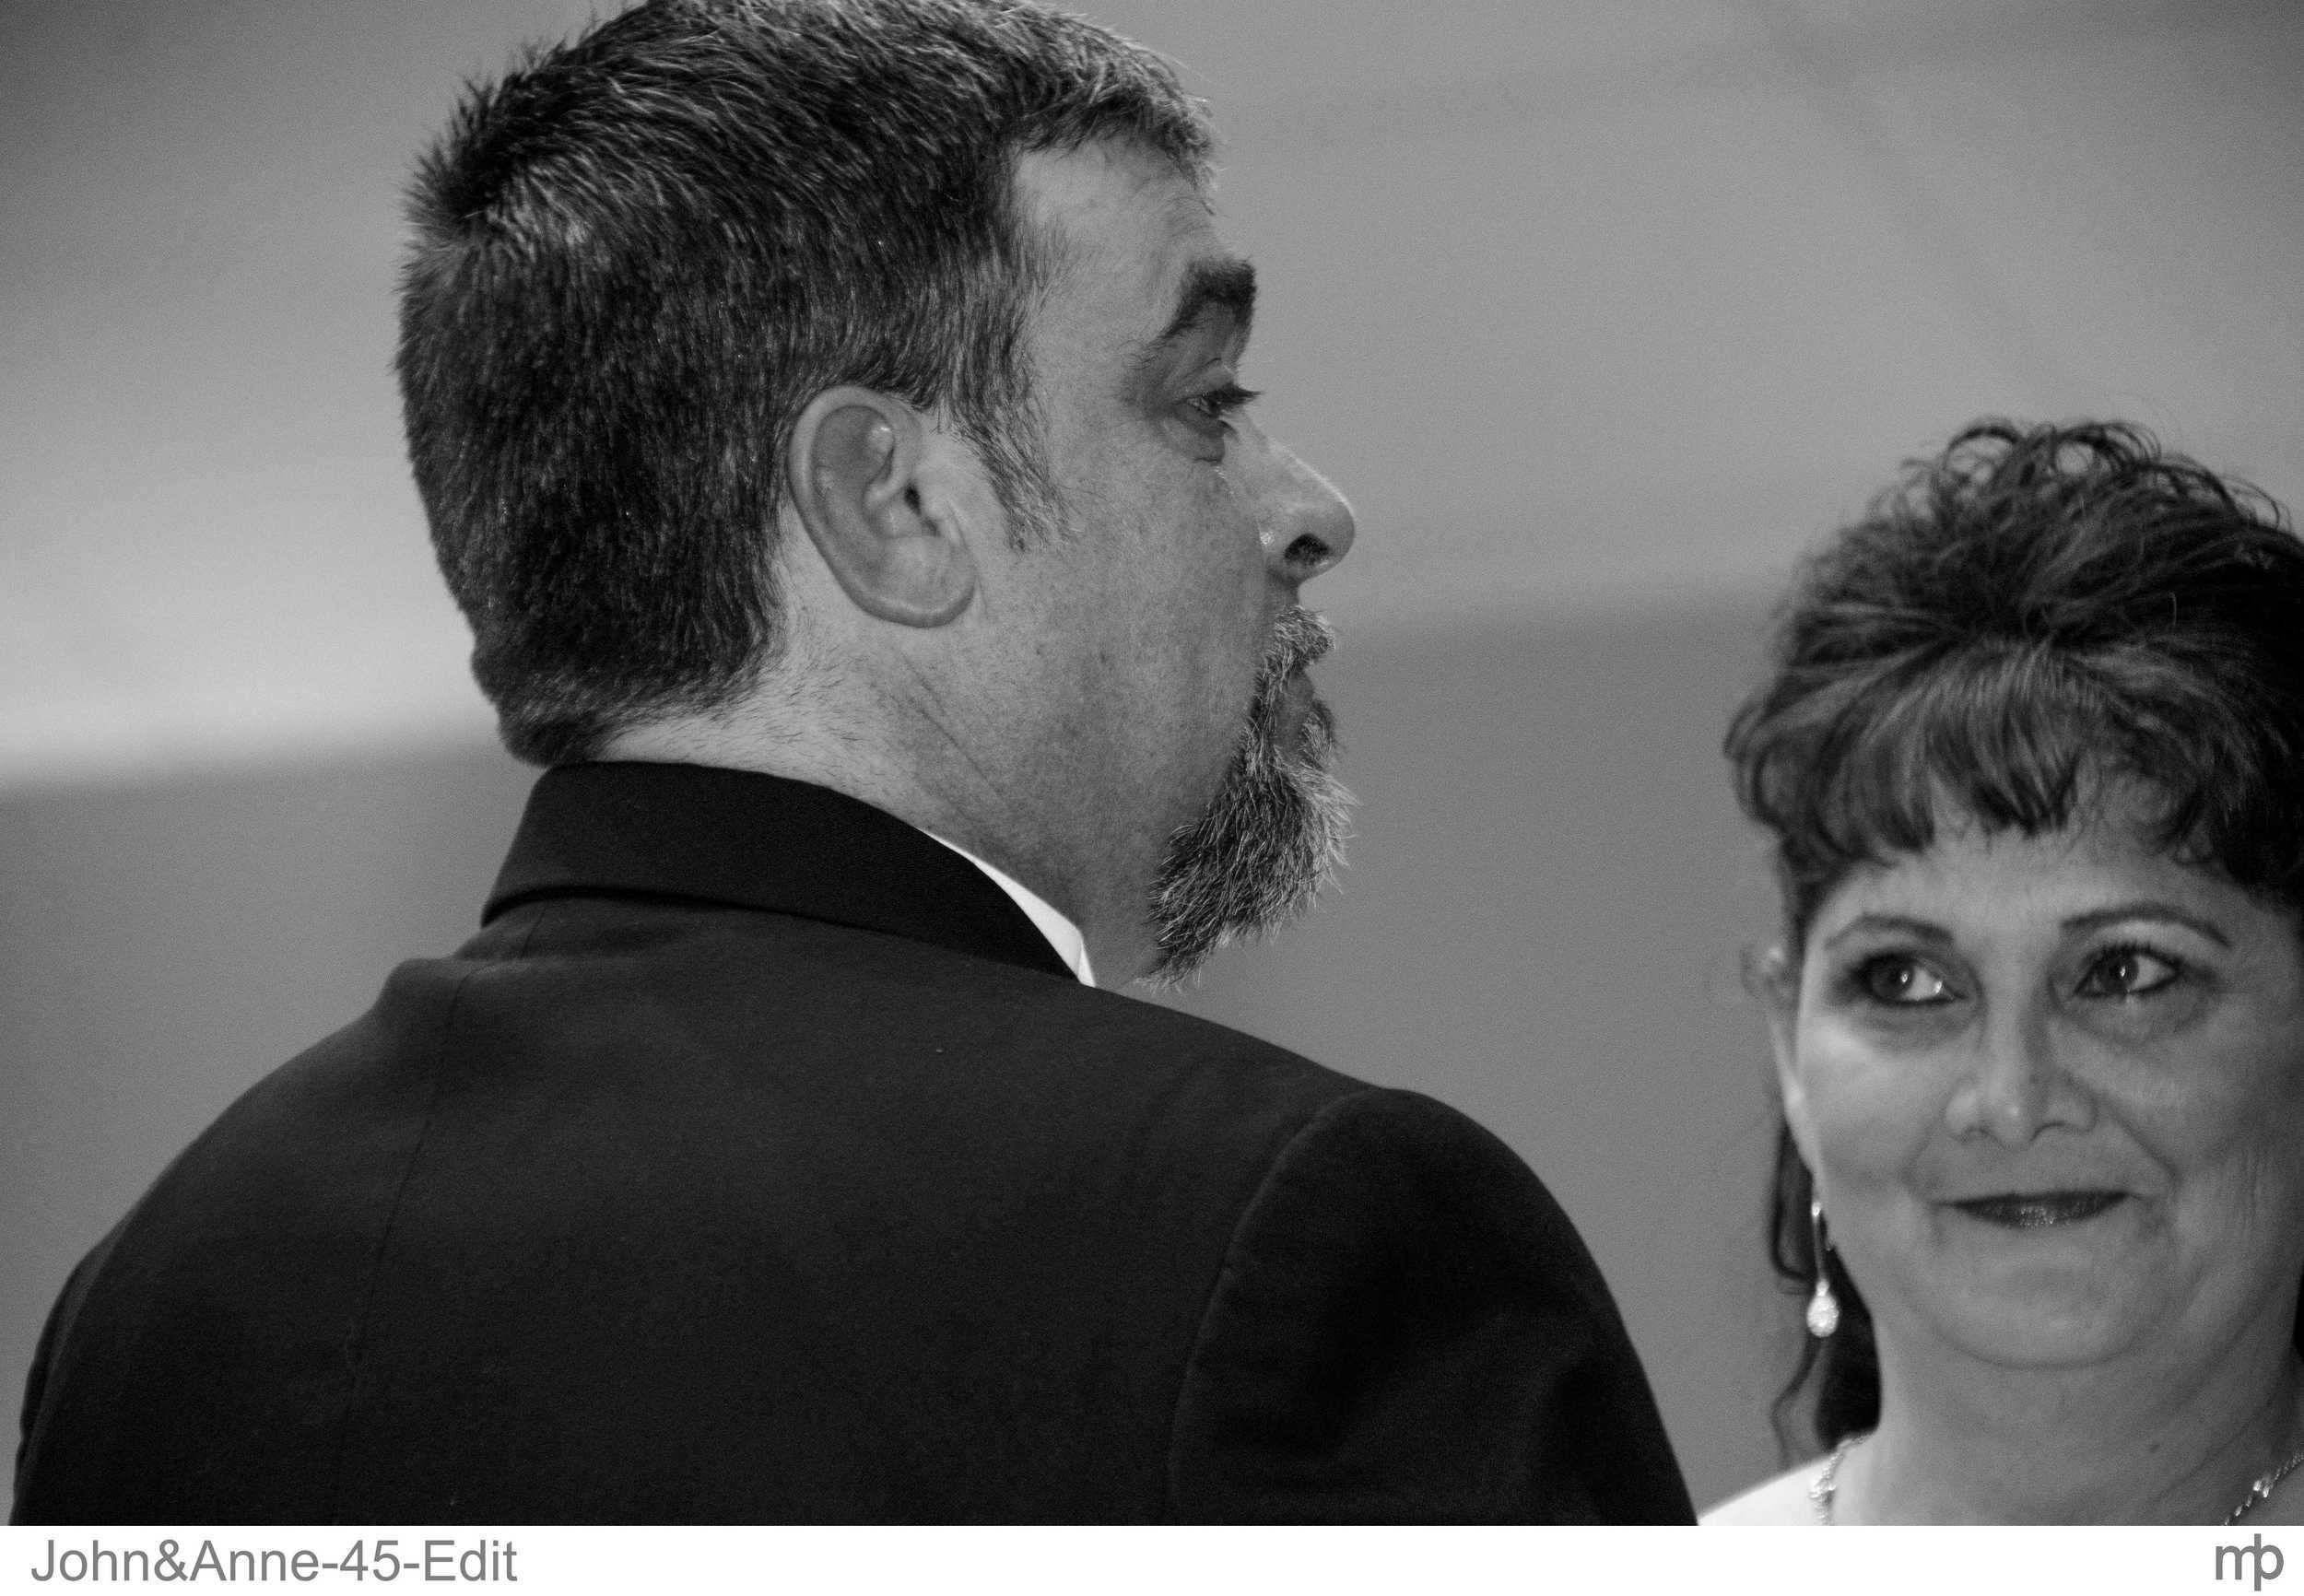 John&Anne-45-Edit.jpg